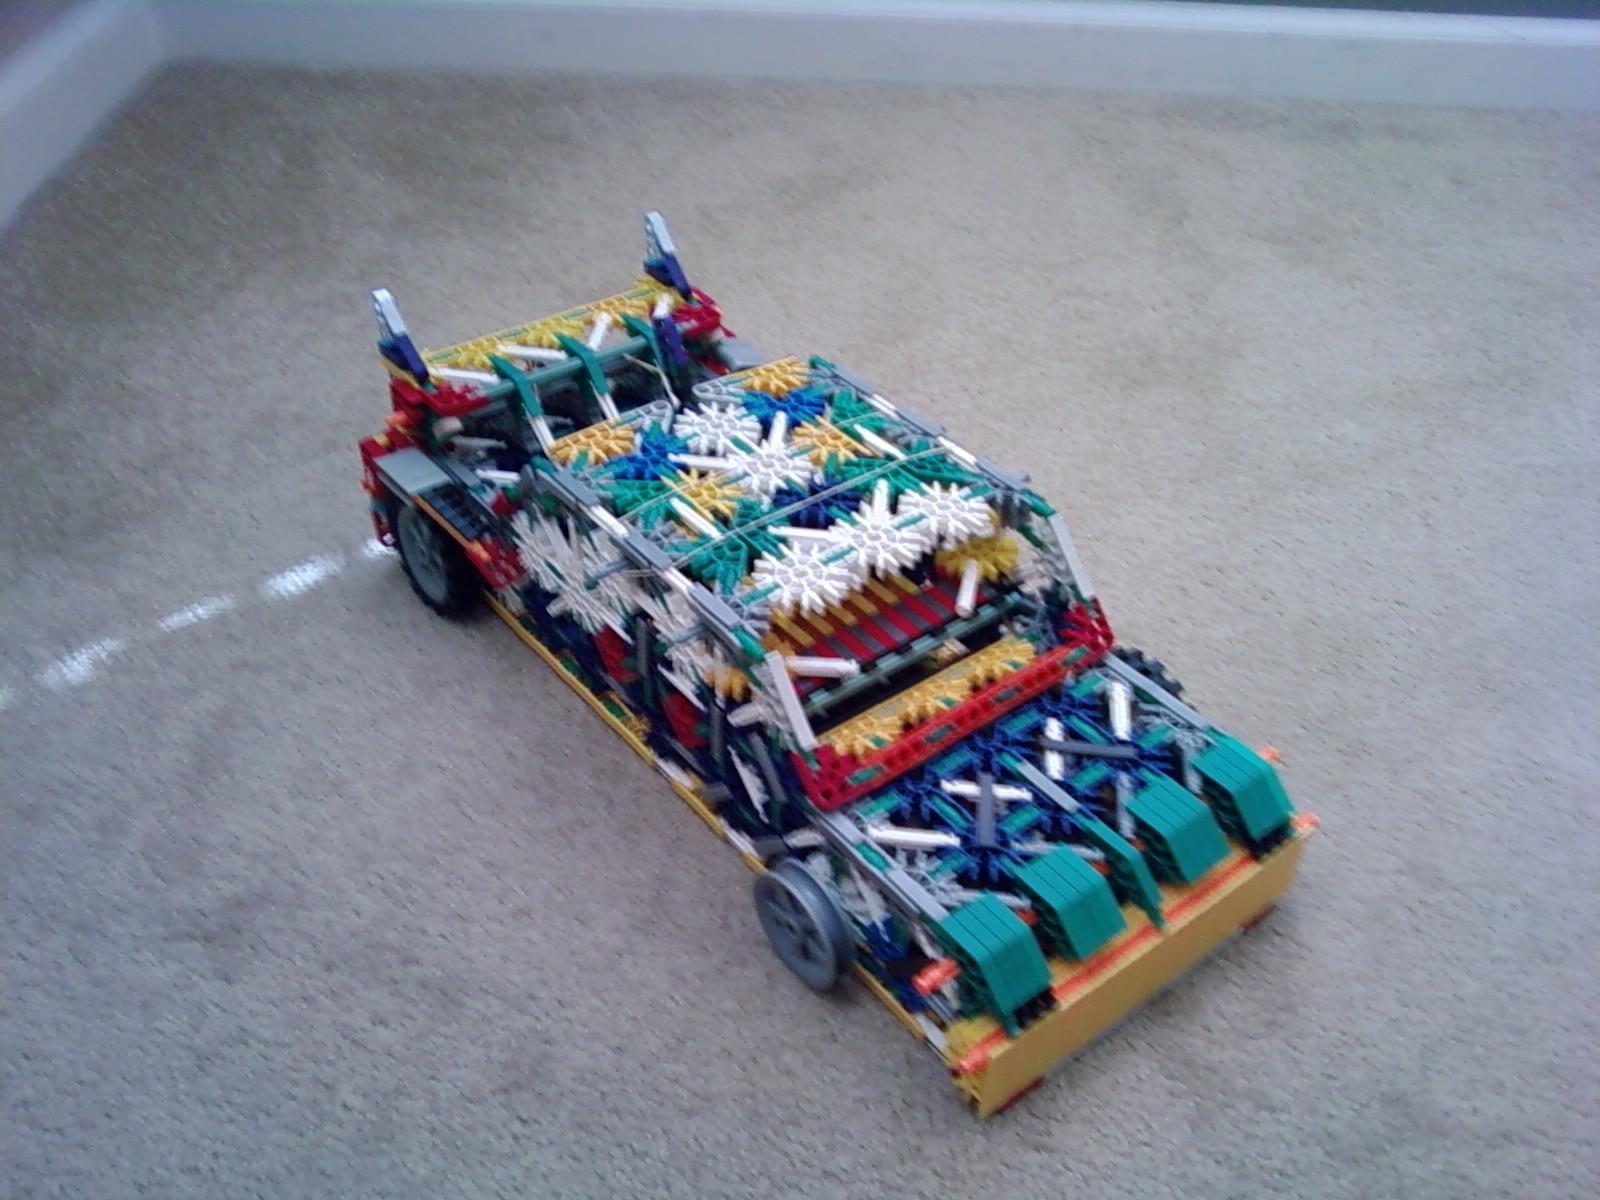 Knex car